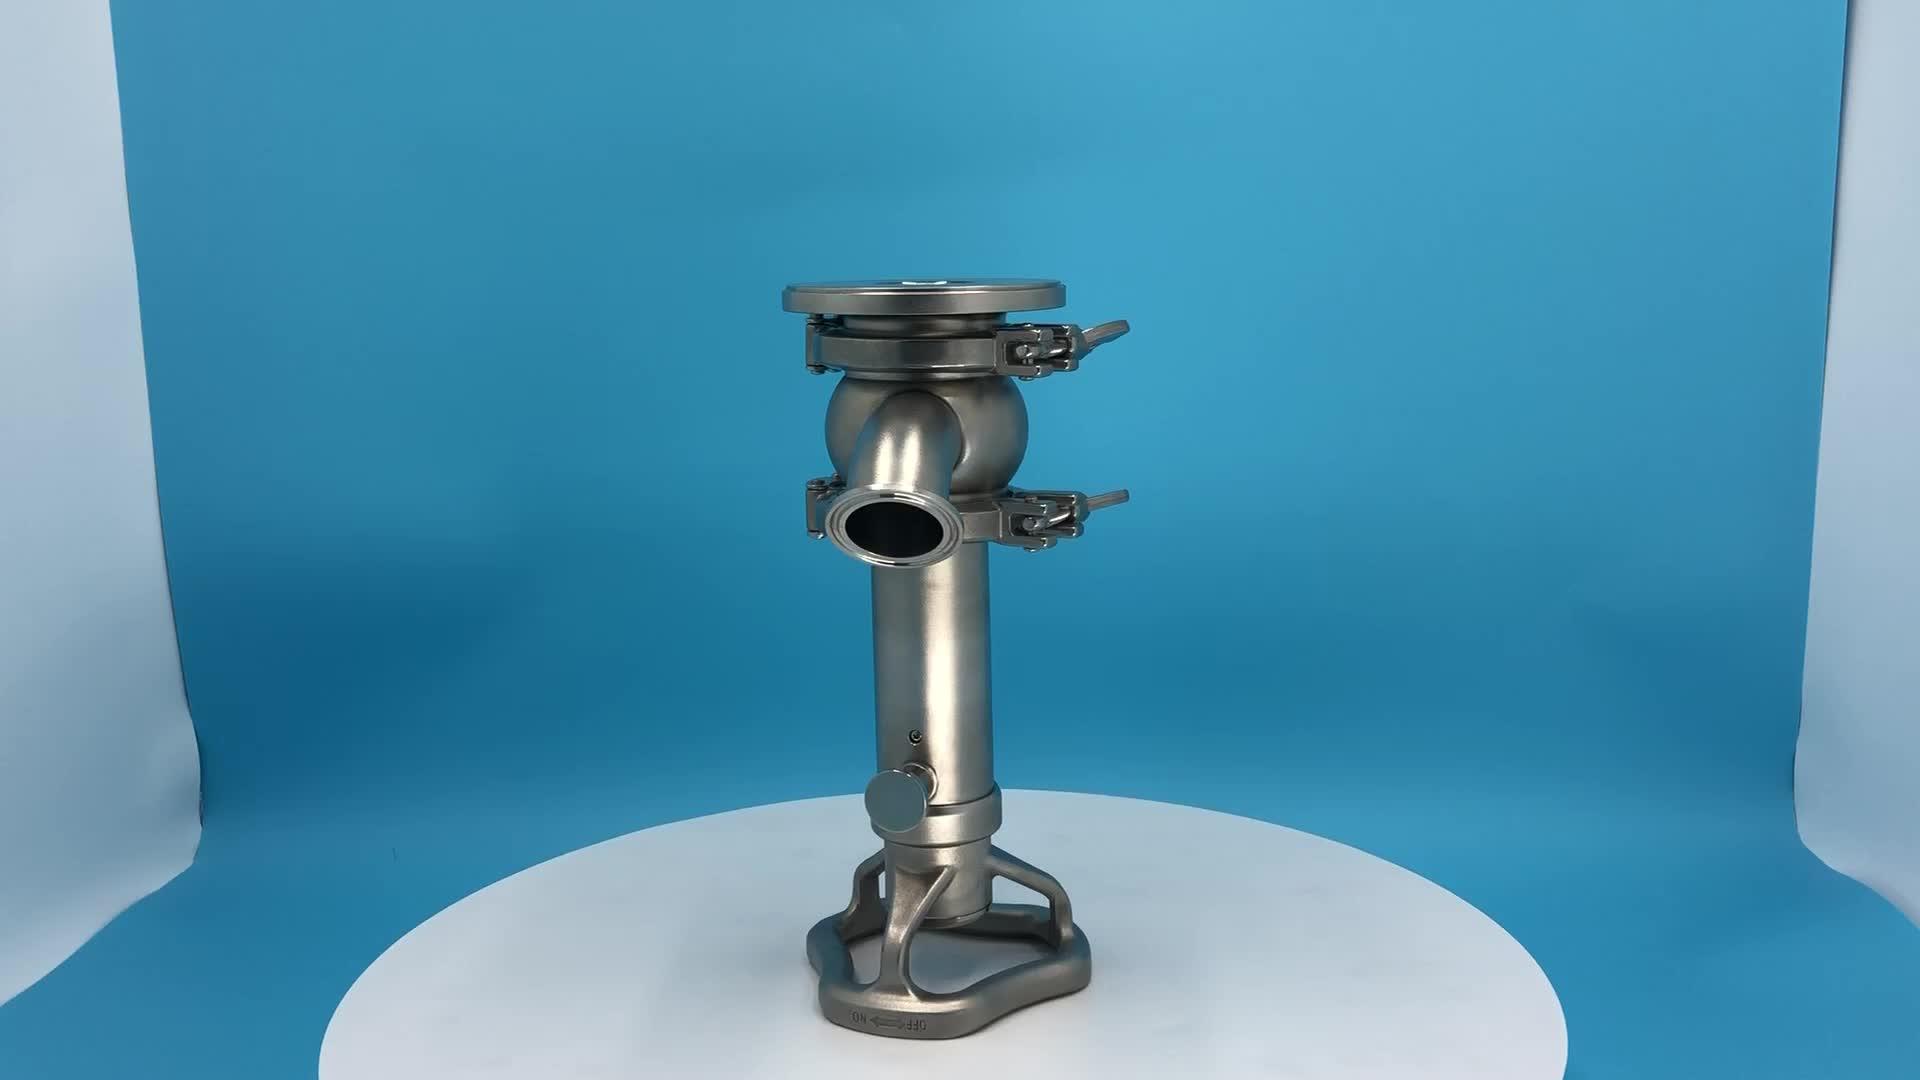 DONJOY Manual tank bottom seat valve inside open